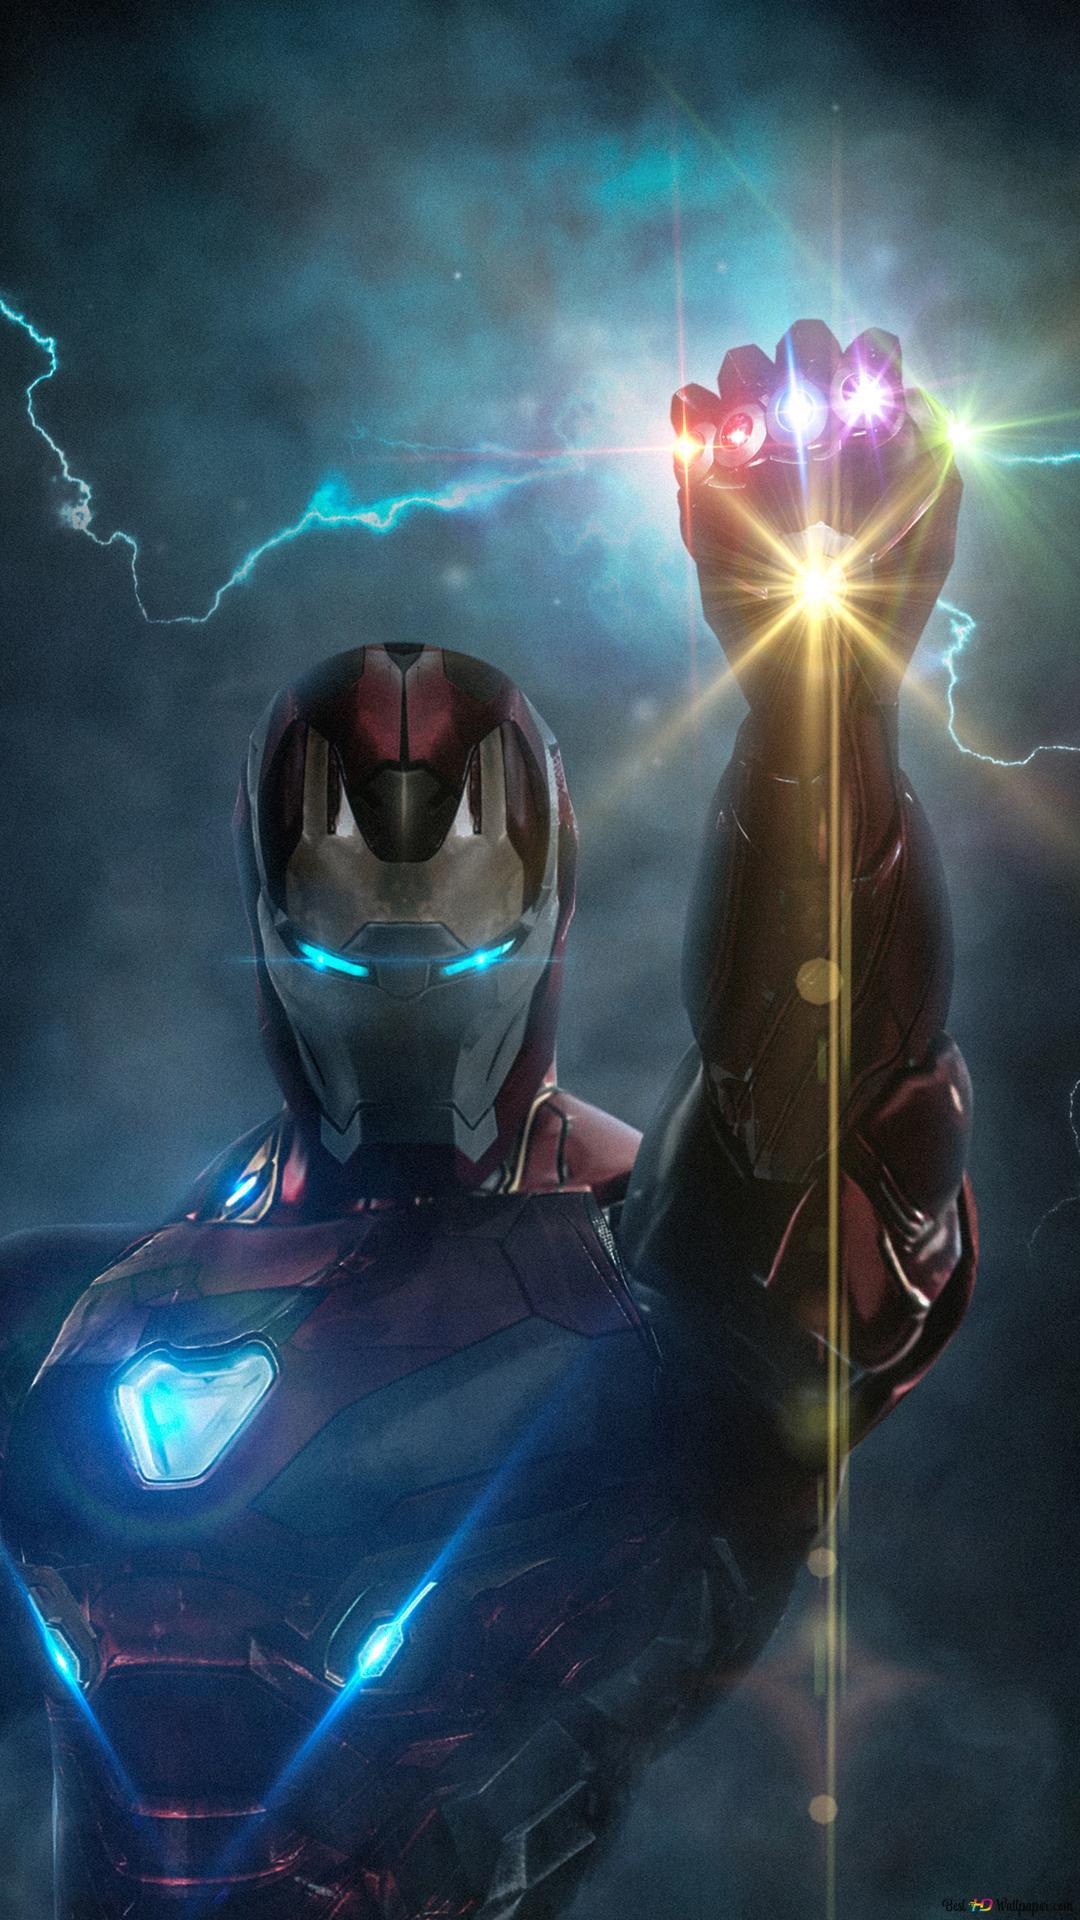 Avengers endgame ironman with infinity glove hd - Fondos de pantalla de iron man en 3d ...